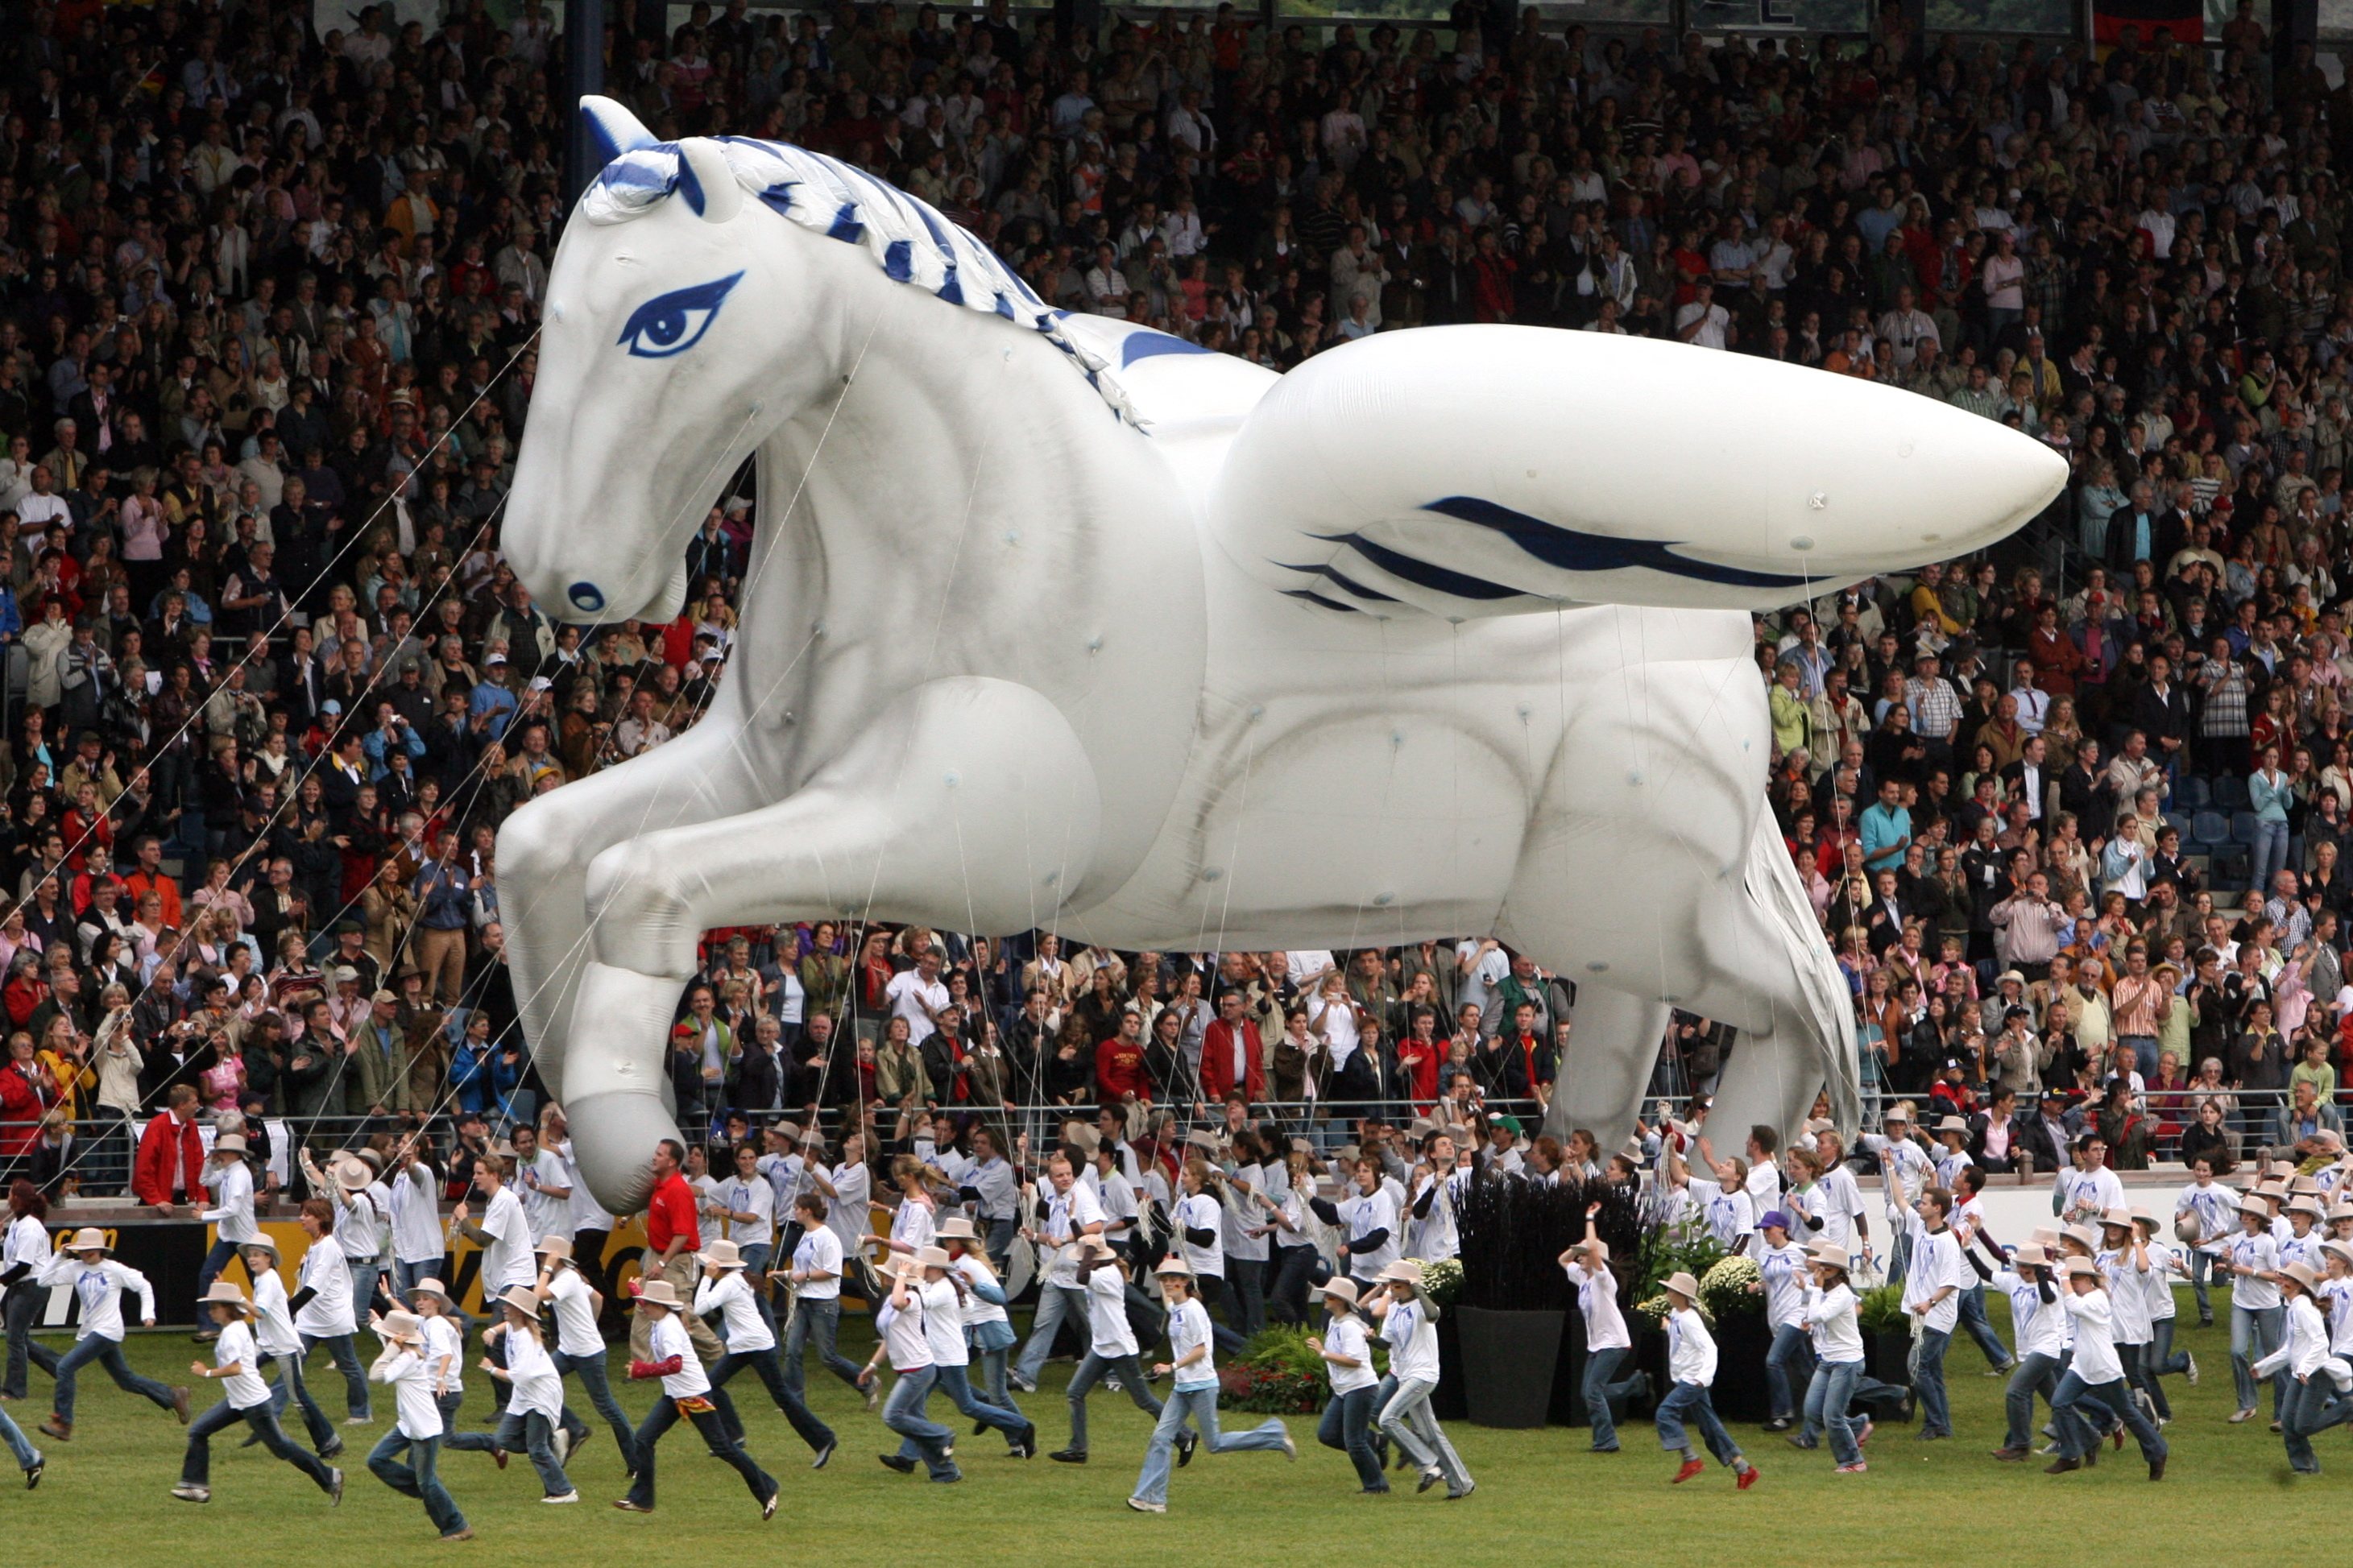 Pont akkor állították rá a Pegasust, amikor kiderült, hogy Gyurcsányéknak dolgozik a cége